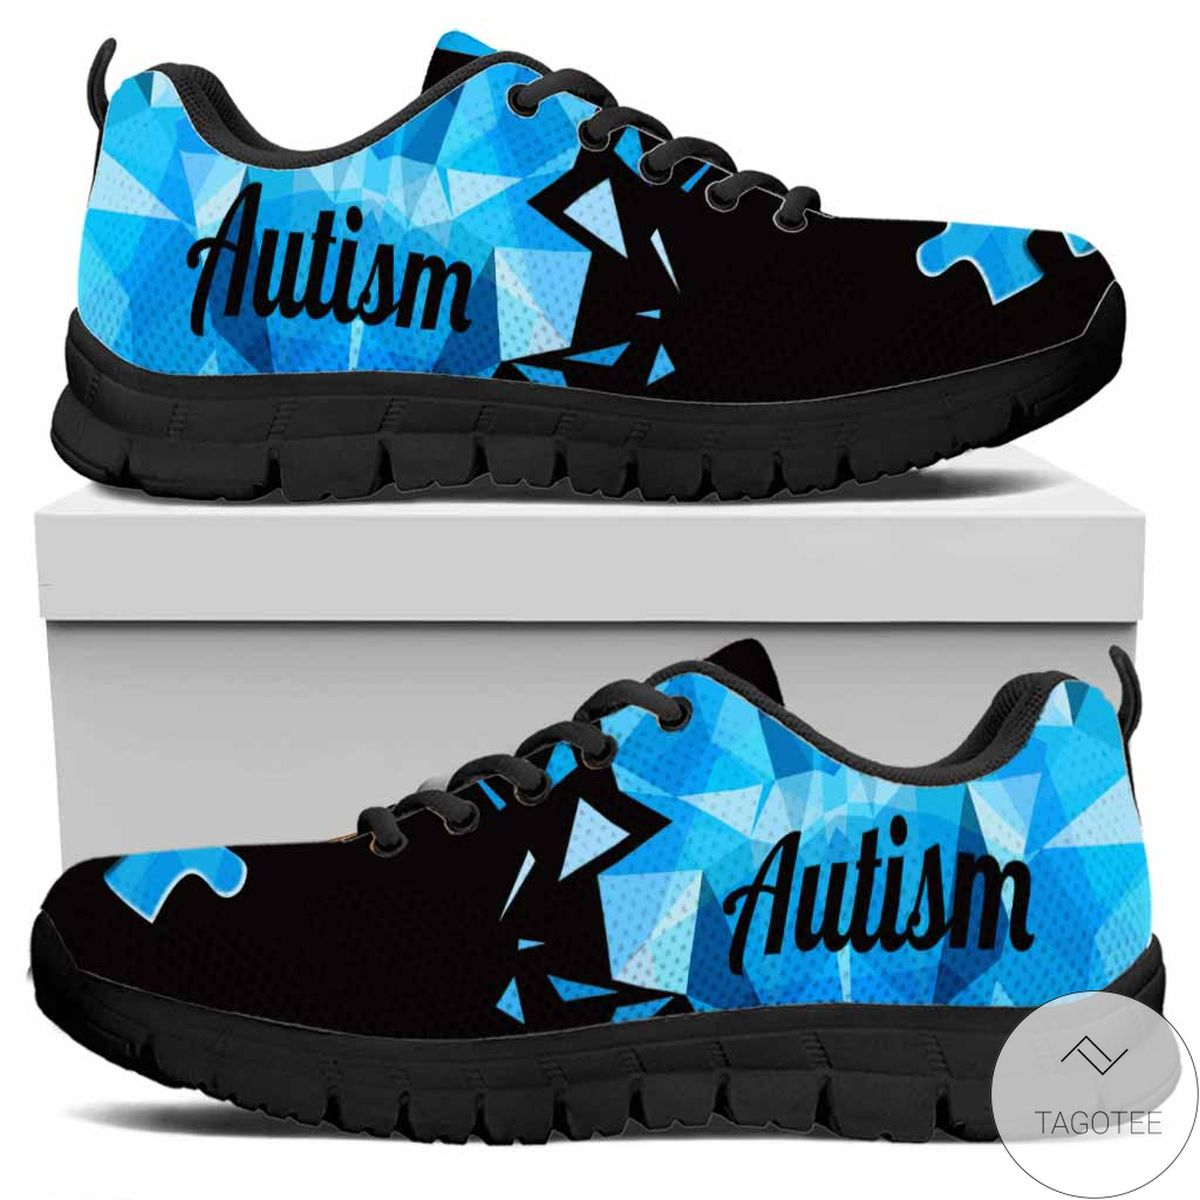 Beautiful Accept Understand Love - Autism Awareness Sneakers